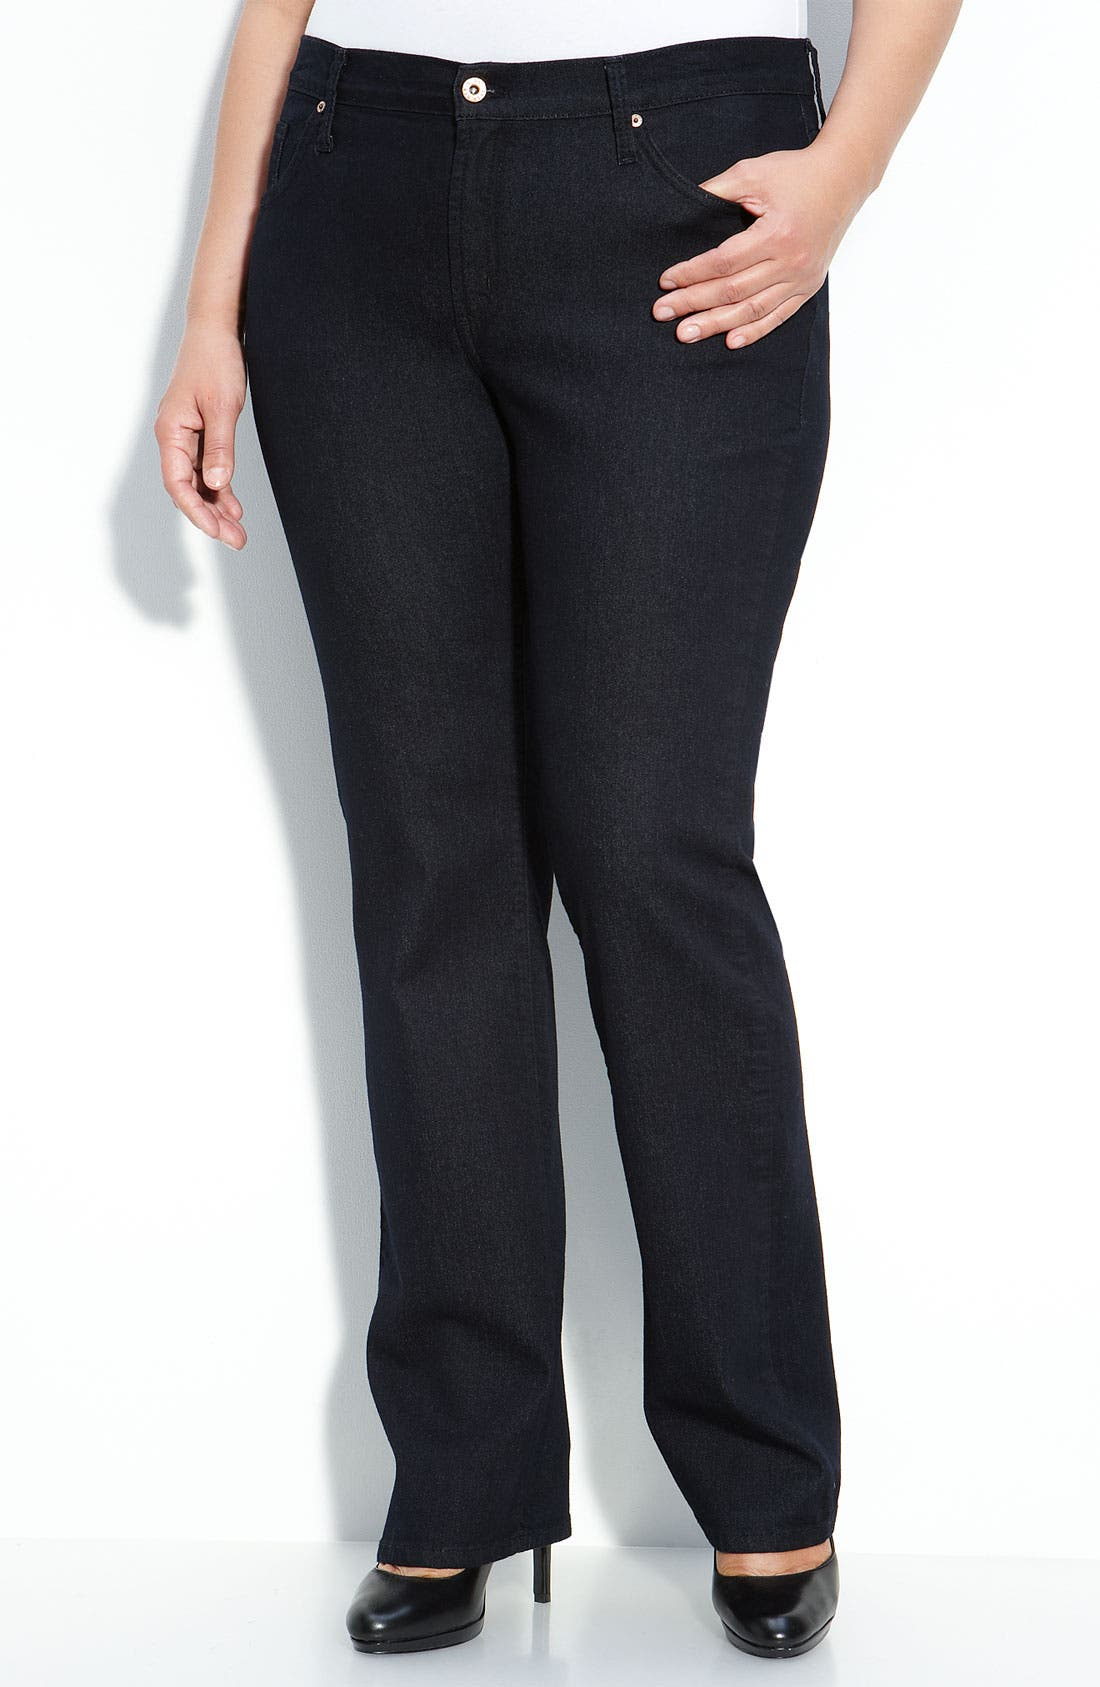 Alternate Image 1 Selected - James Jeans Straight Leg Jeans (Seduction D) (Plus)